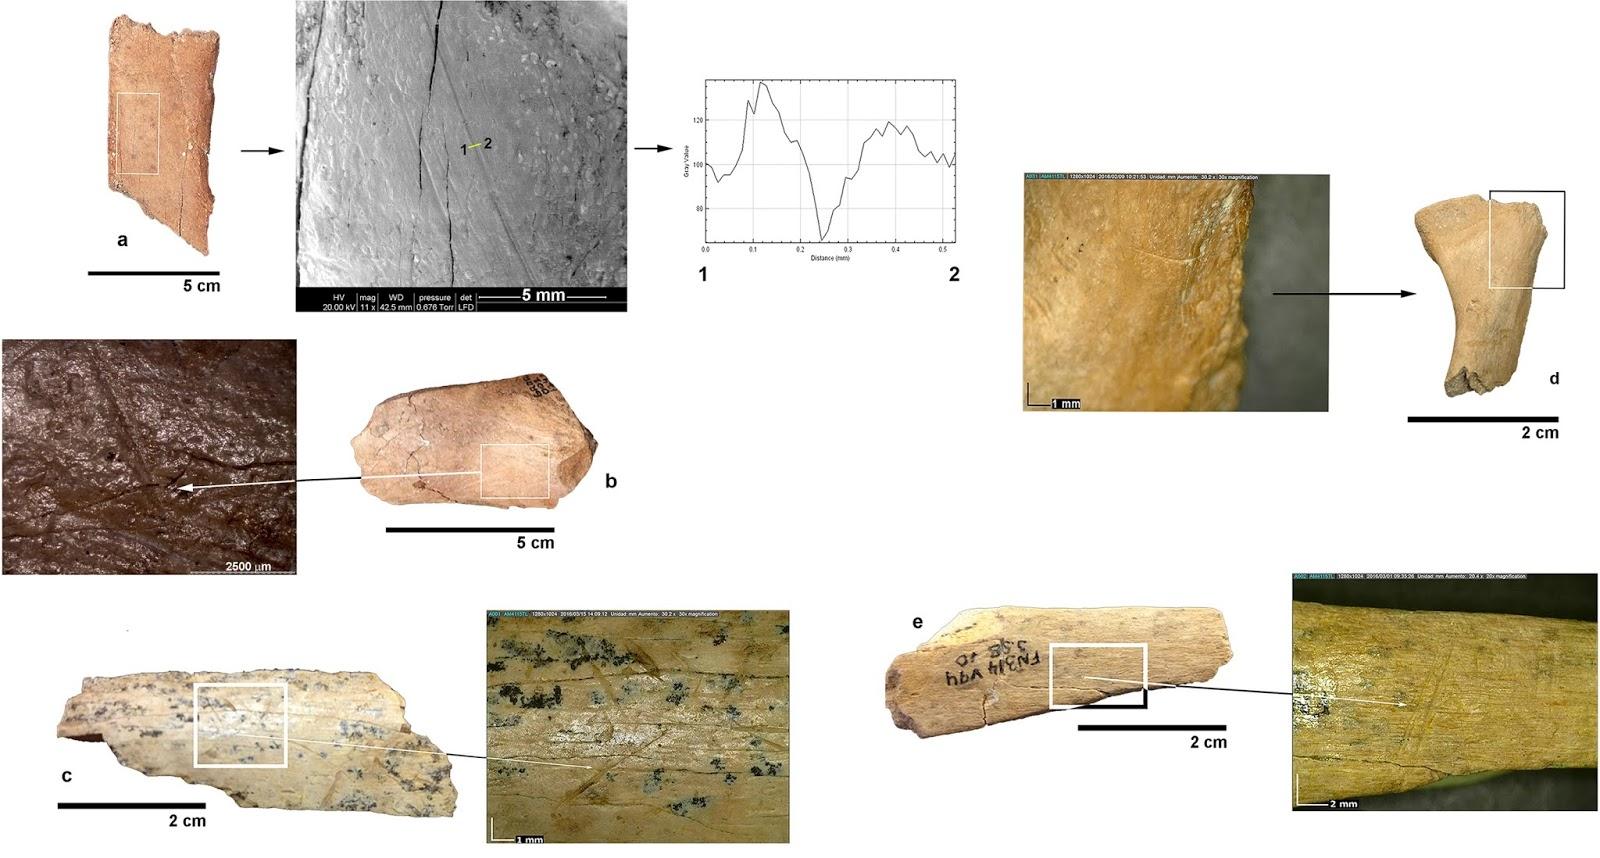 Fragmentos de hueso con marcas de corte de hace 1,4 millones de años, yacimientos de Orce (Granada). Foto: Espigares et alii.